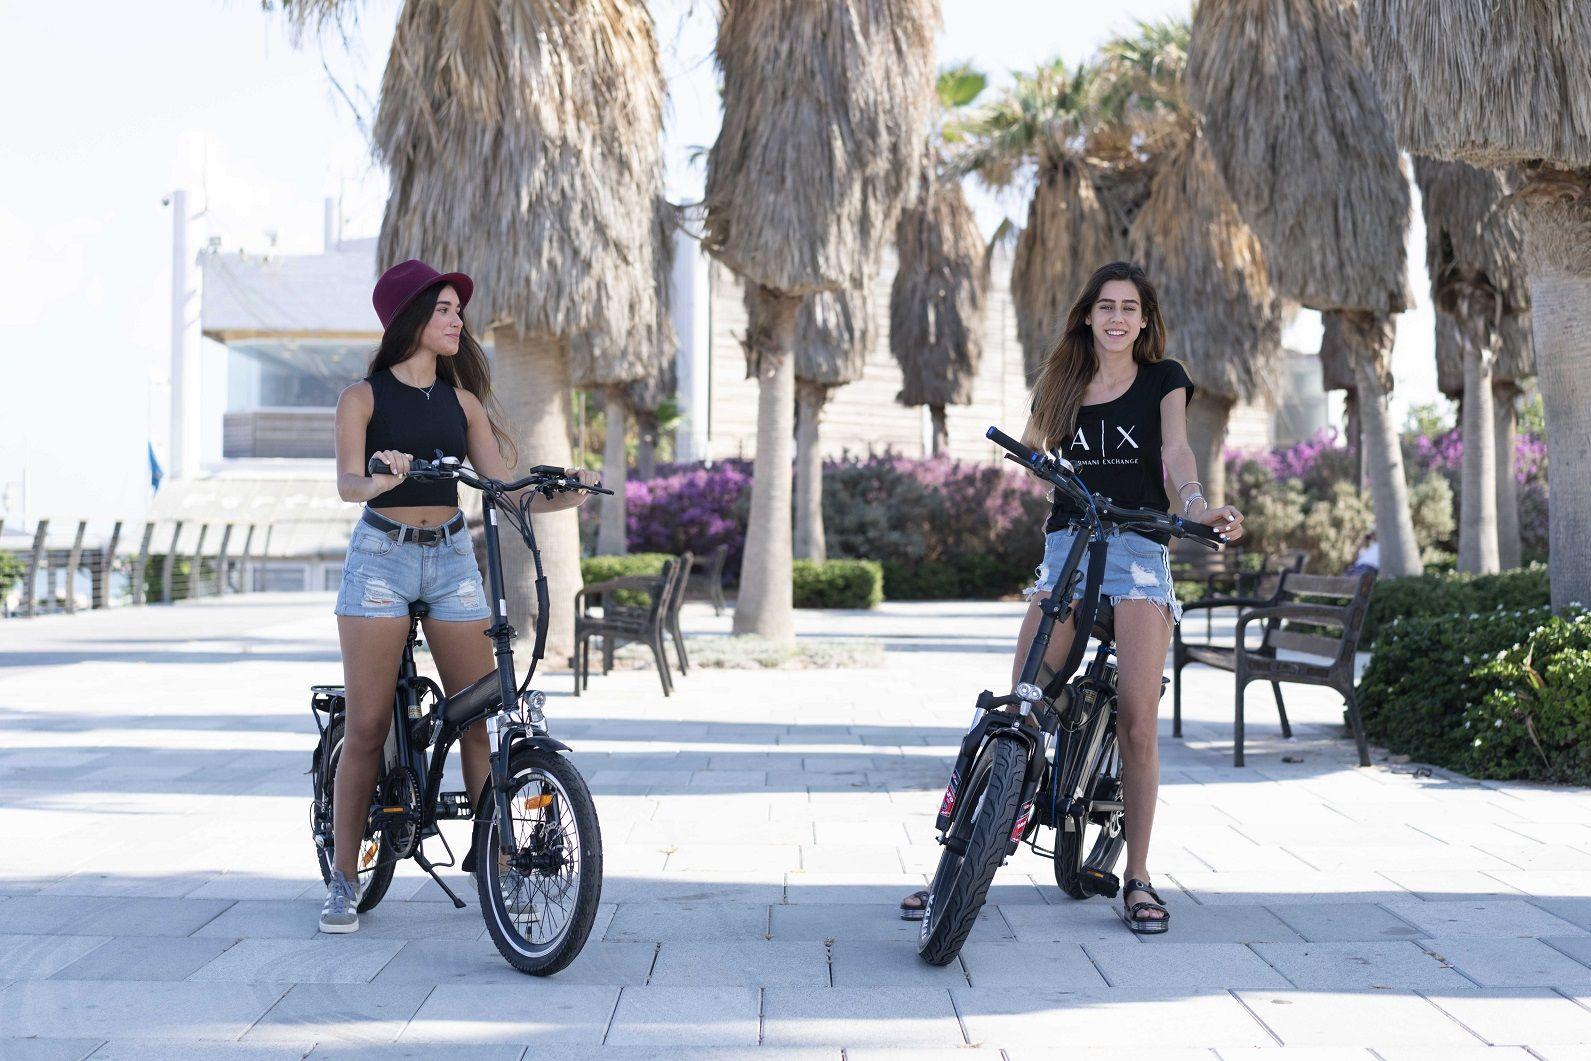 אופניים חשמליים רישיון - מי צריך? מאיזה גיל? הרוכב החשמלי עונה